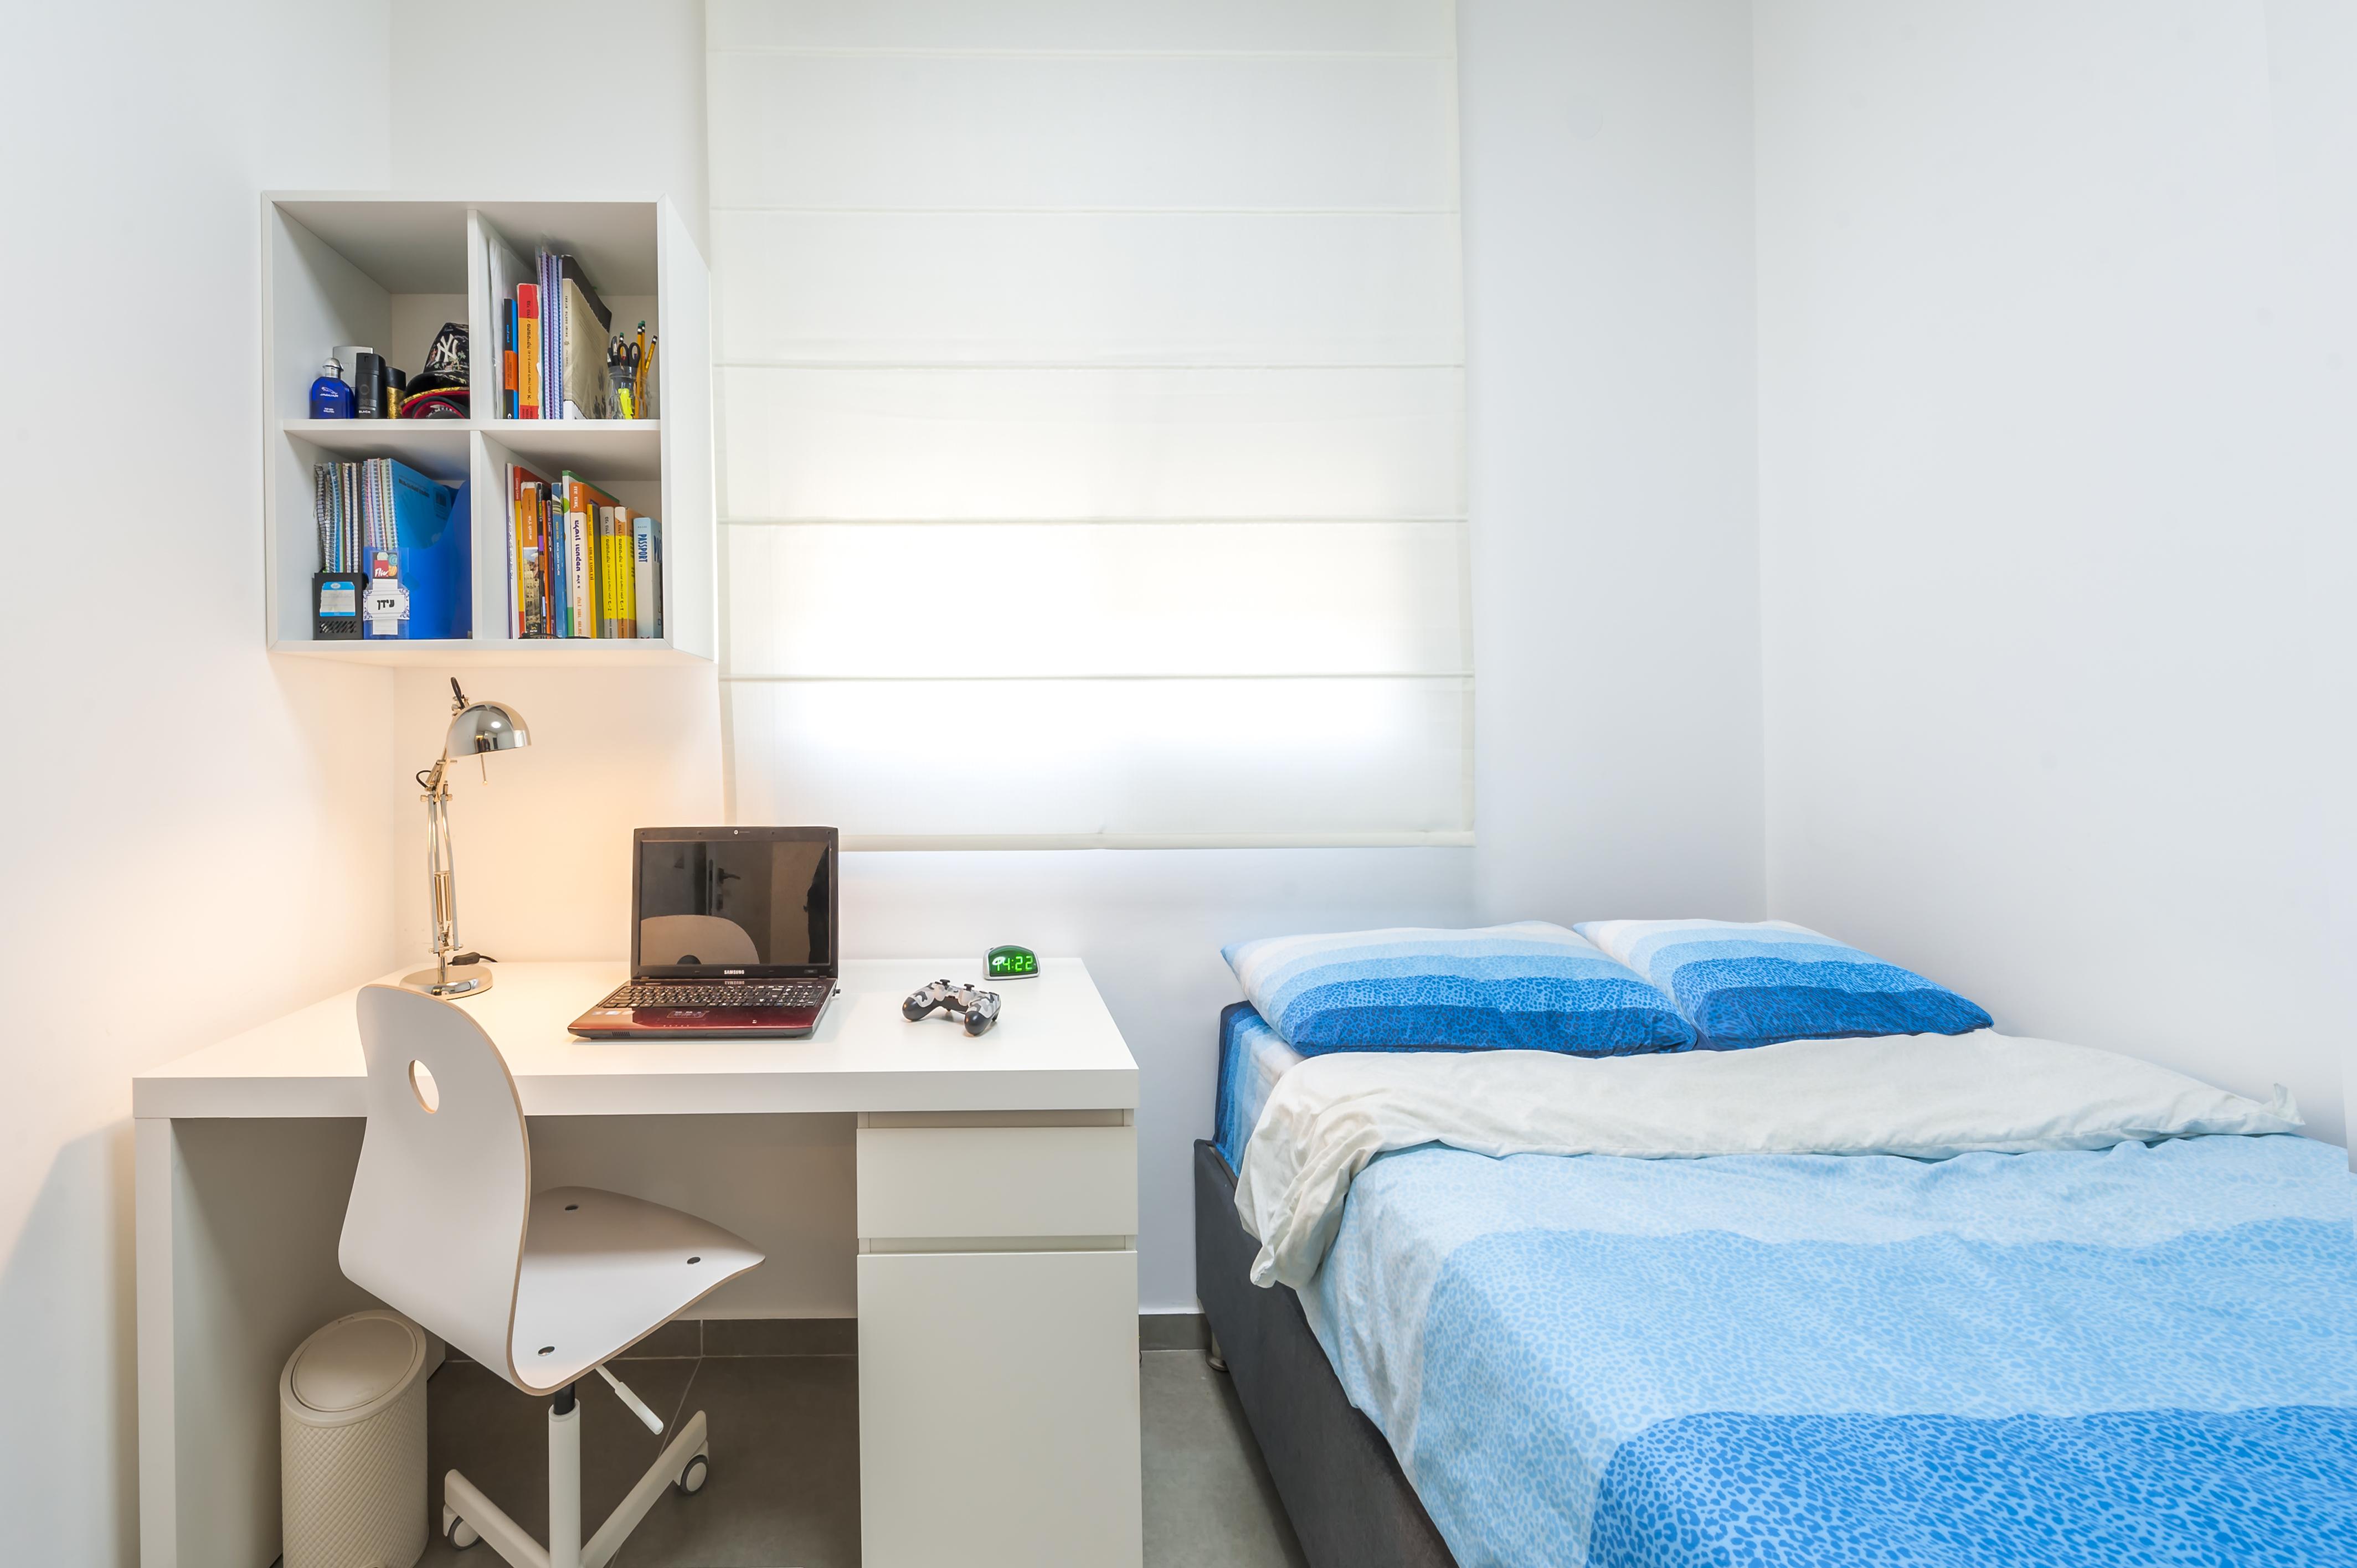 חדר שינה לנוער פרקטי ומעוצב